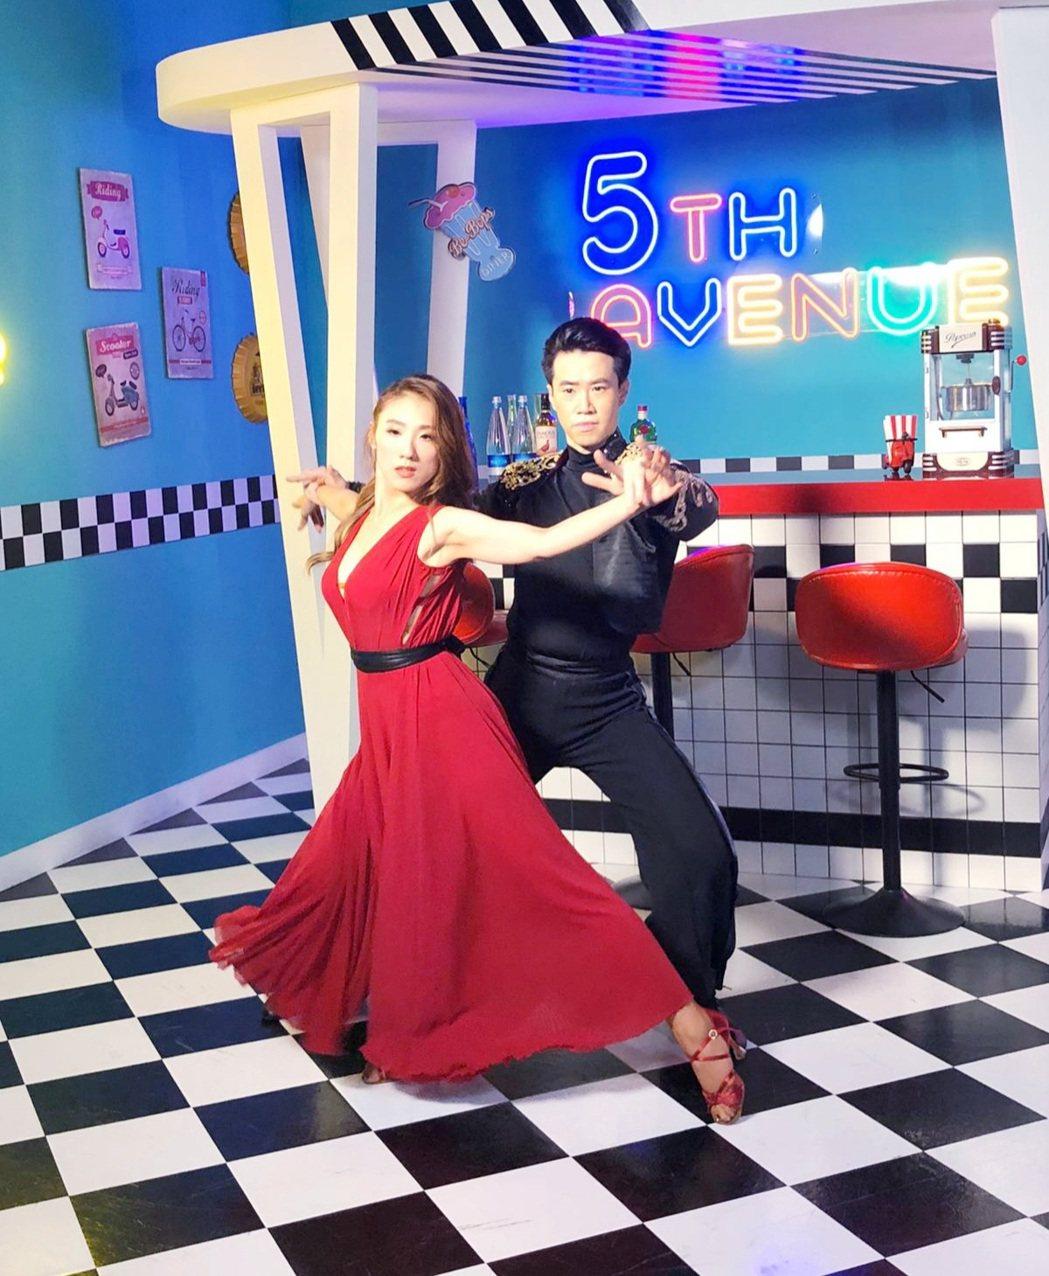 謝金晶(左)在新歌「鬥牛舞」MV展現舞技。圖/豪記提供